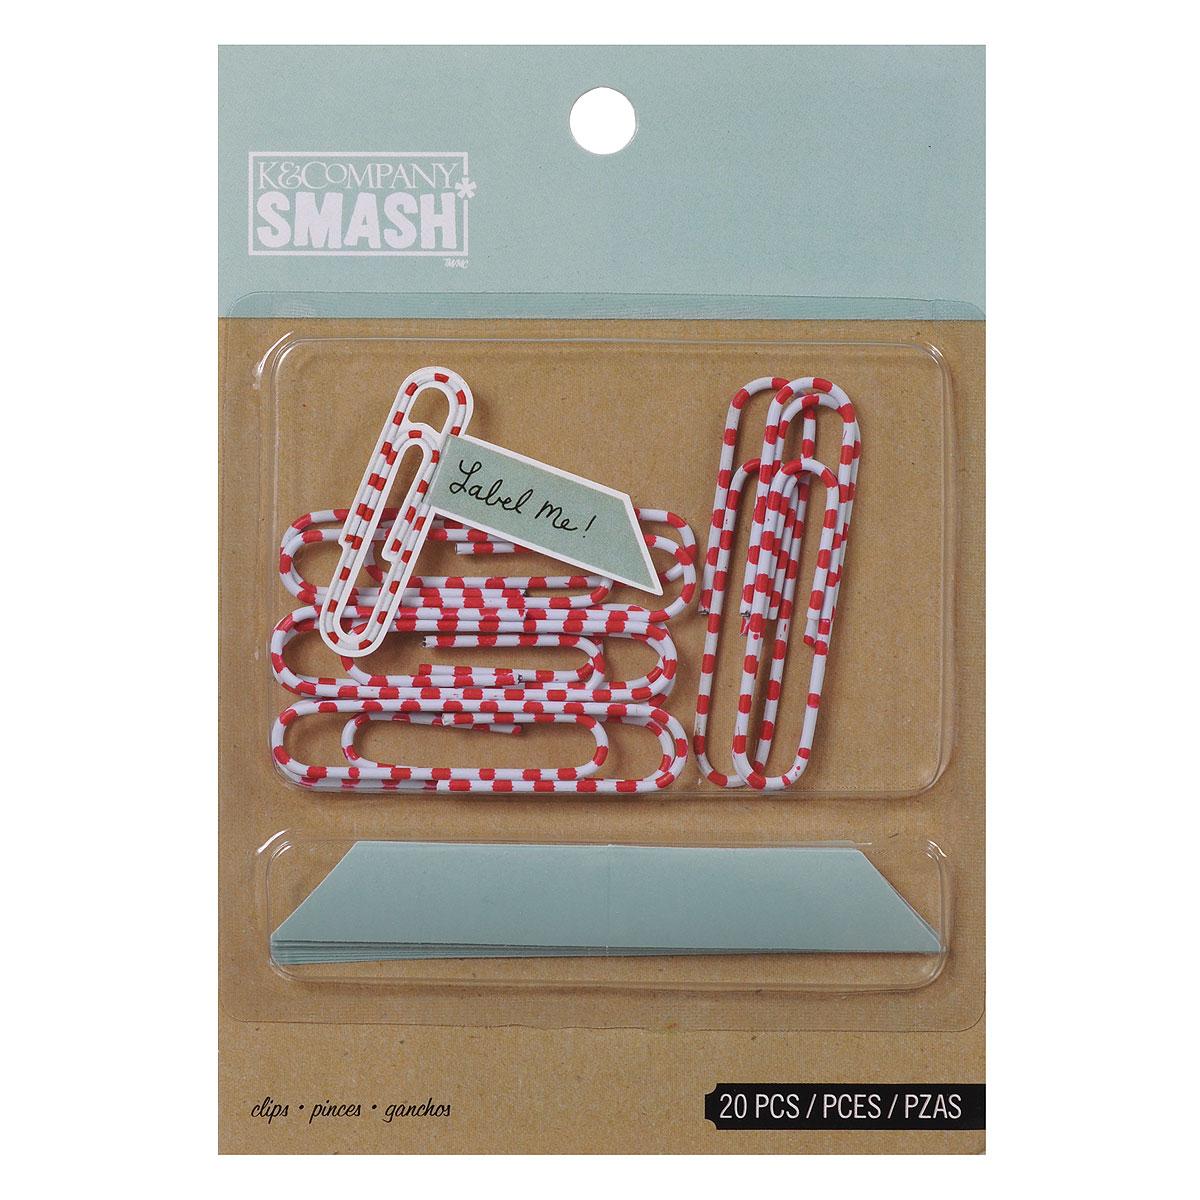 Скрепки-украшения K&Company  Smash , 20 шт -  Скрепки, кнопки, зажимы